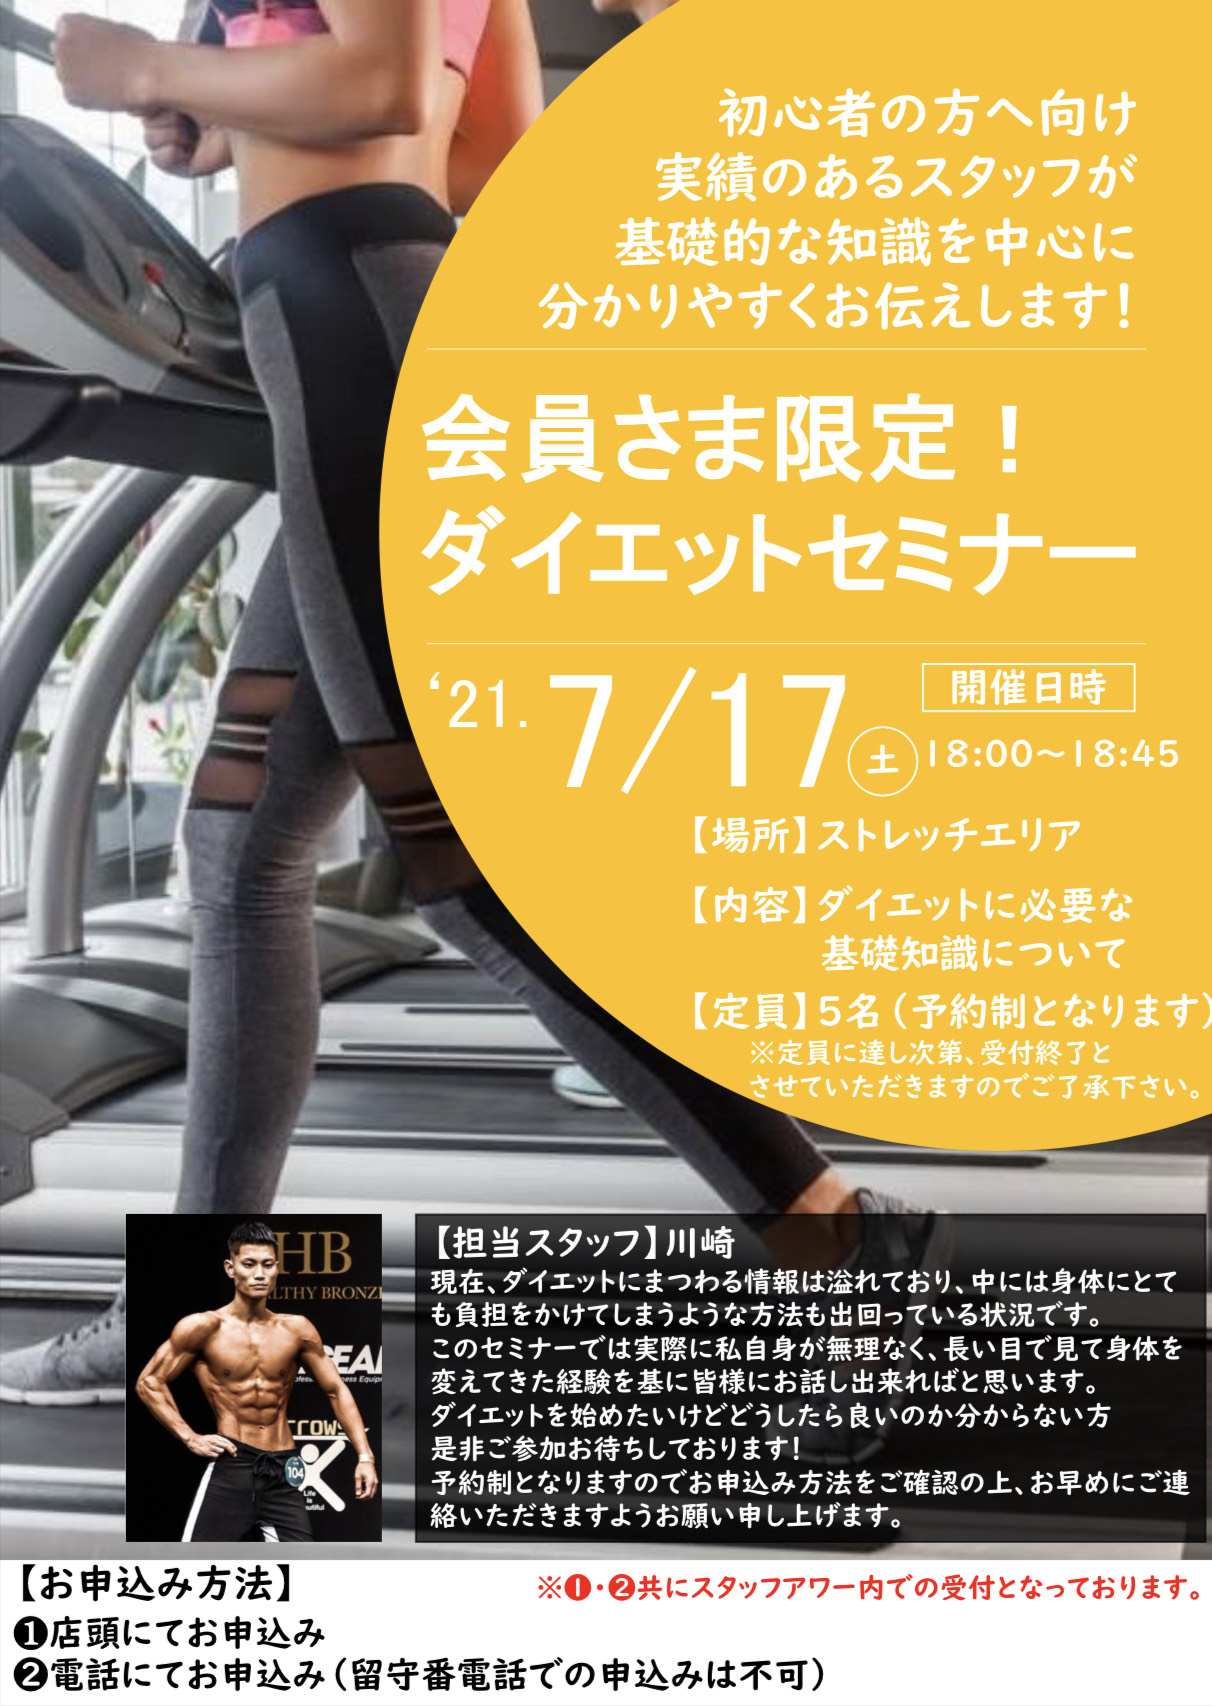 7/17(土)会員さま限定ダイエットセミナー開催のお知らせ(予約制)